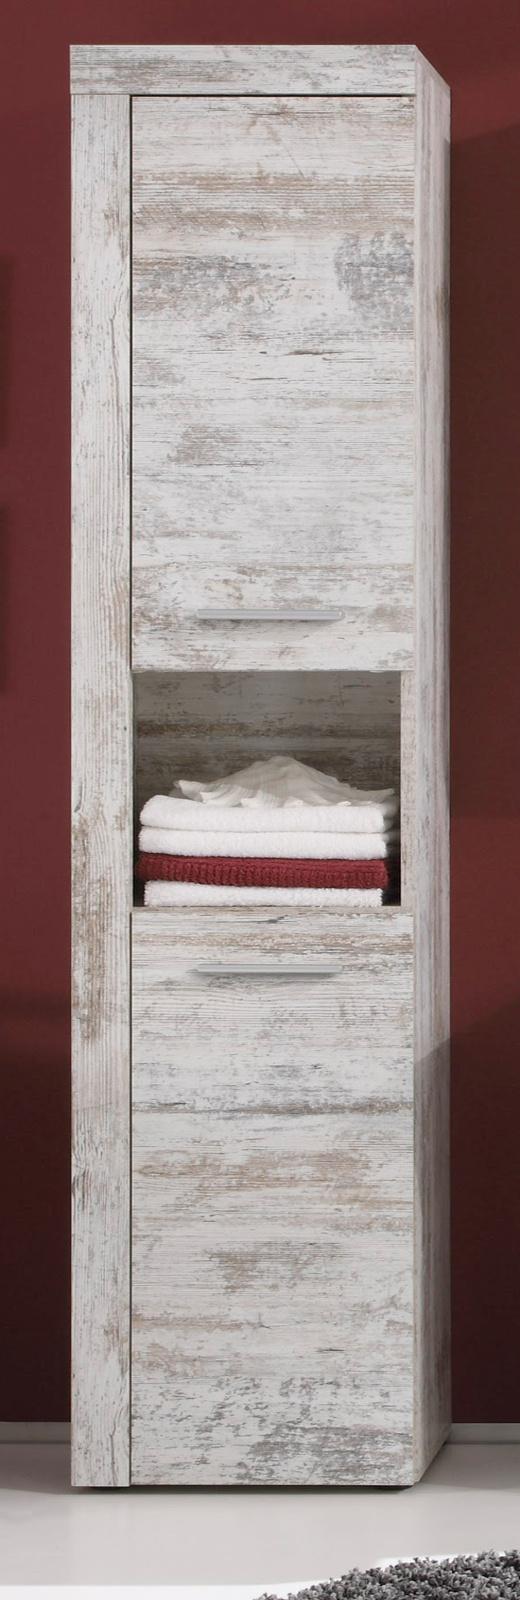 badschrank cancun shabbychic g nstig online kaufen. Black Bedroom Furniture Sets. Home Design Ideas